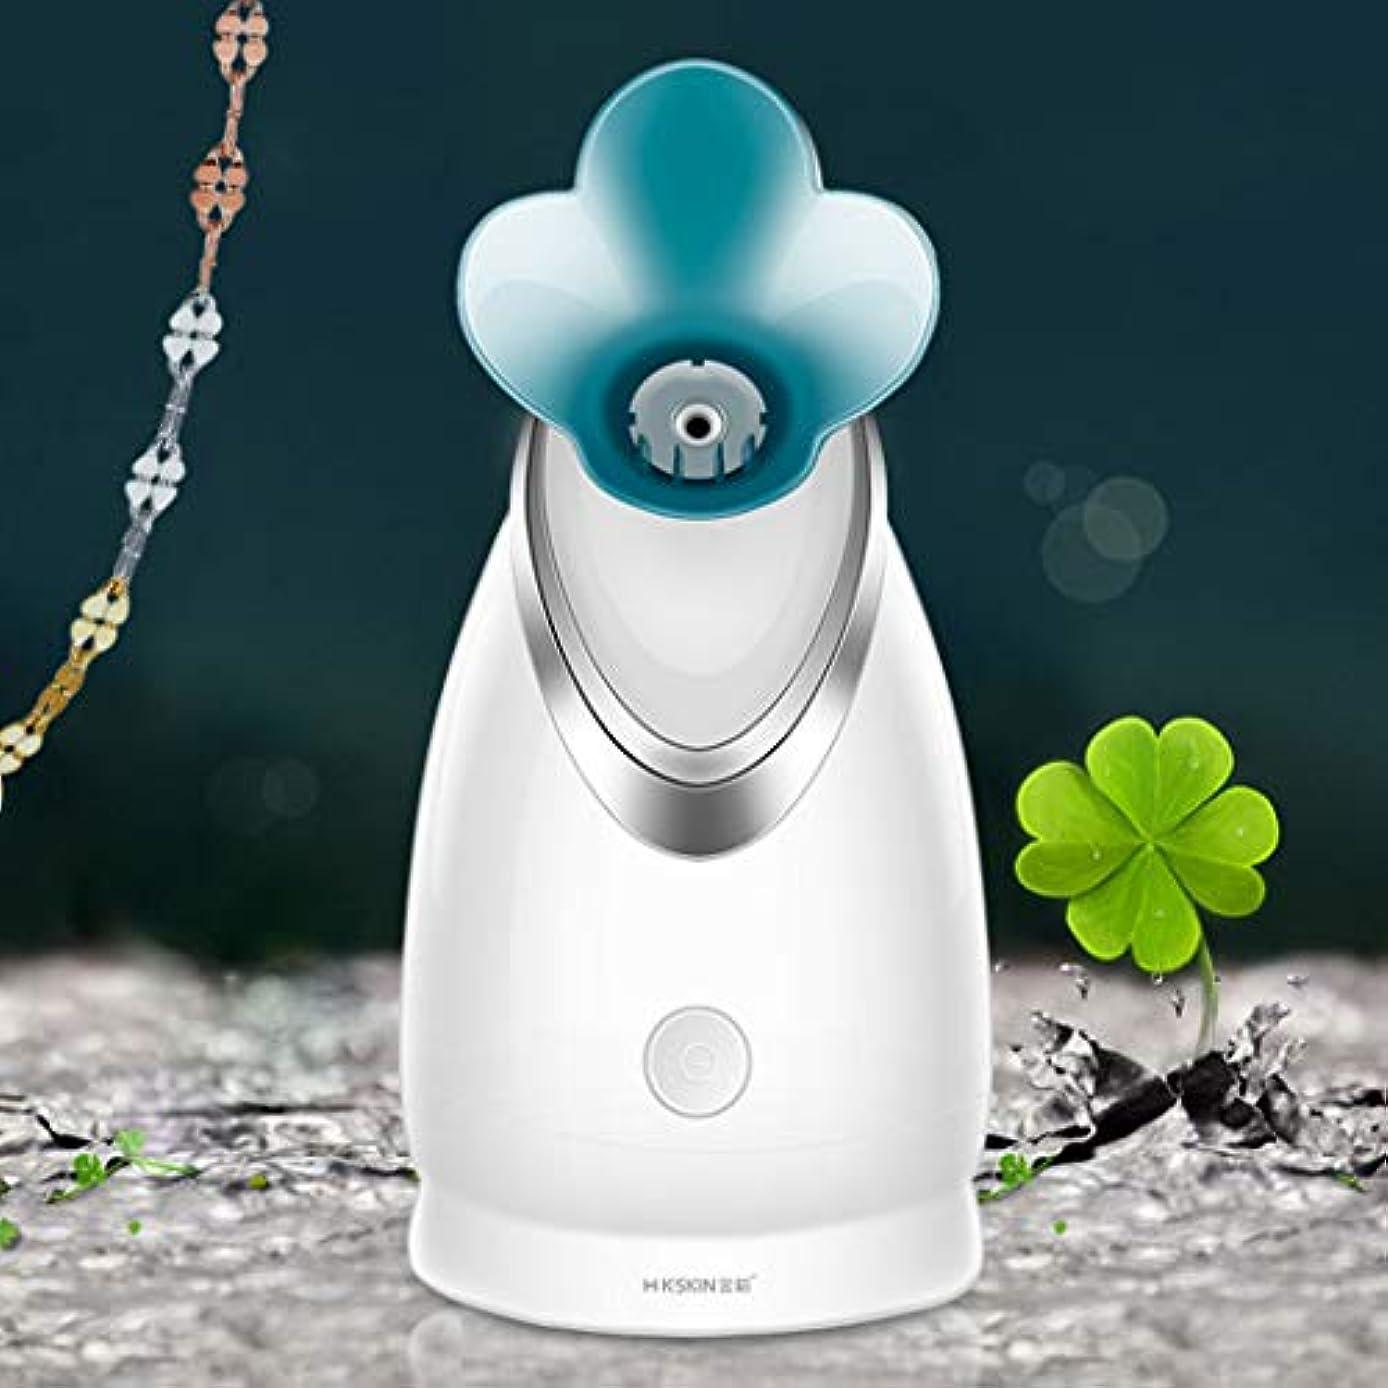 腹奇妙なアブセイLVESHOP 蒸気面イオンホット蒸し顔機家庭用噴霧器美容機器水道メーター加湿器 (色 : T2)